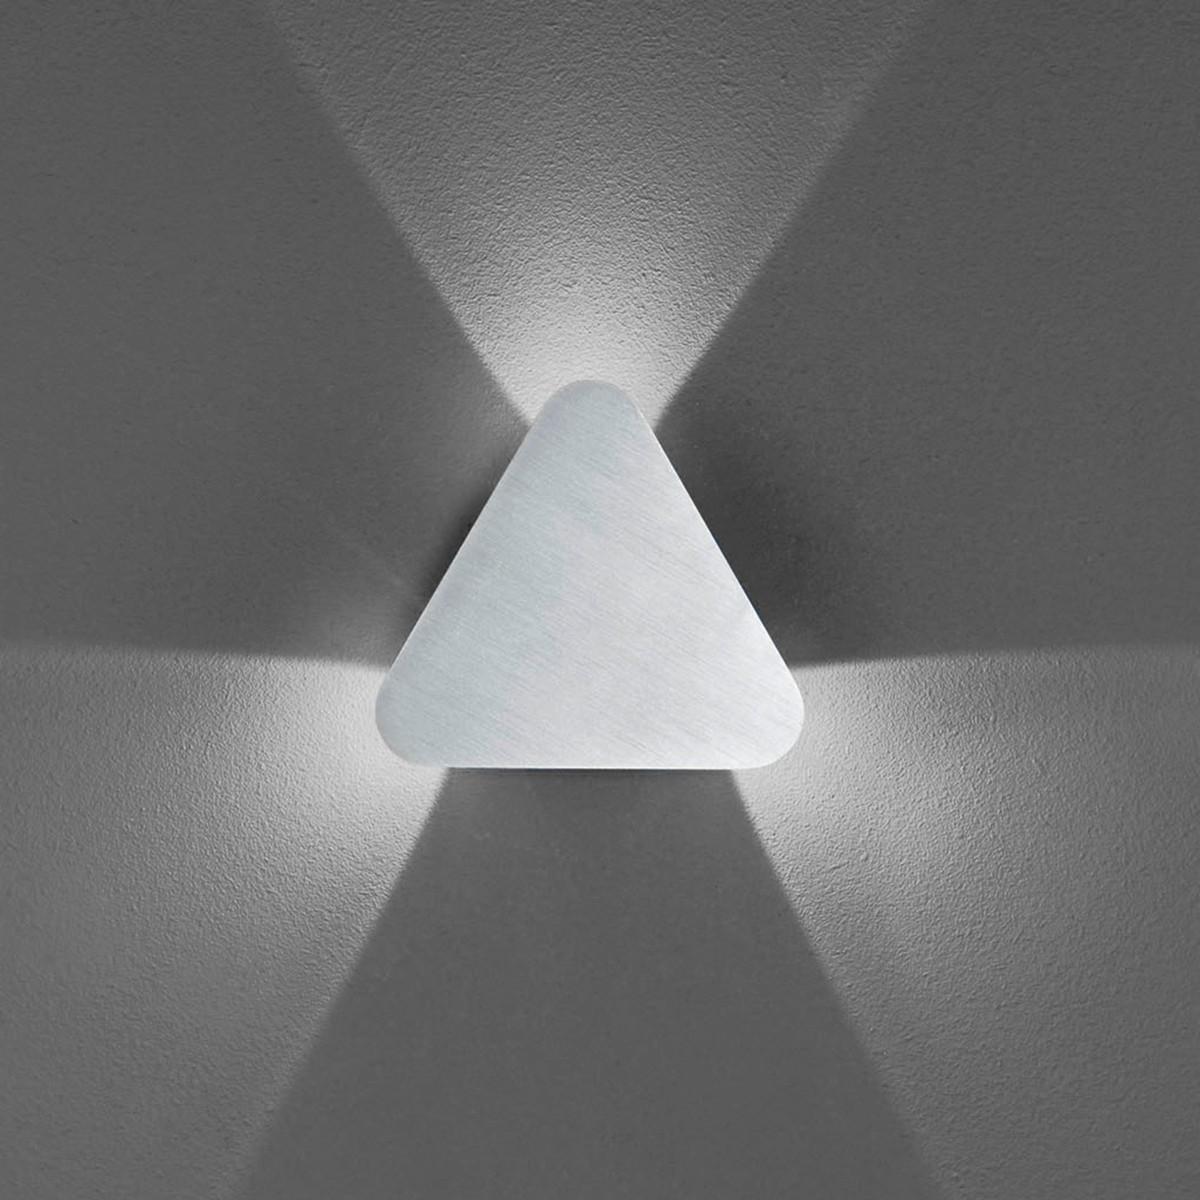 B-Leuchten Prince 40225 Wandleuchte, Aluminium